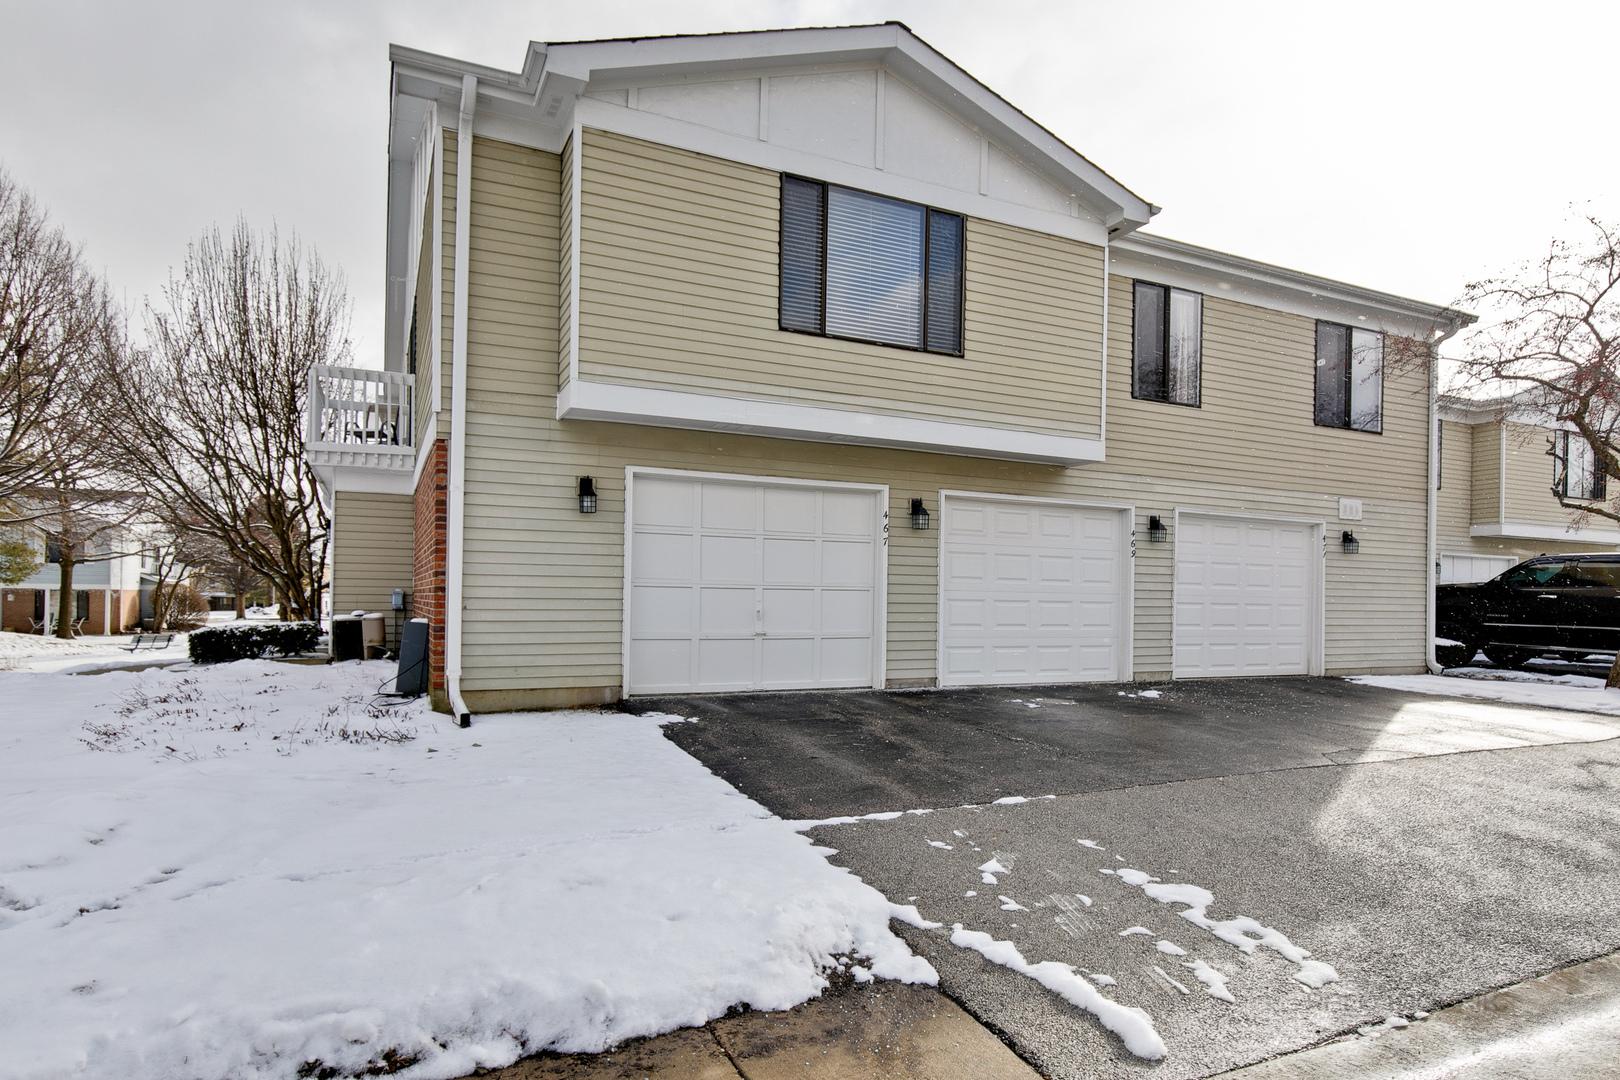 467 Tyler 467, Vernon Hills, Illinois, 60061